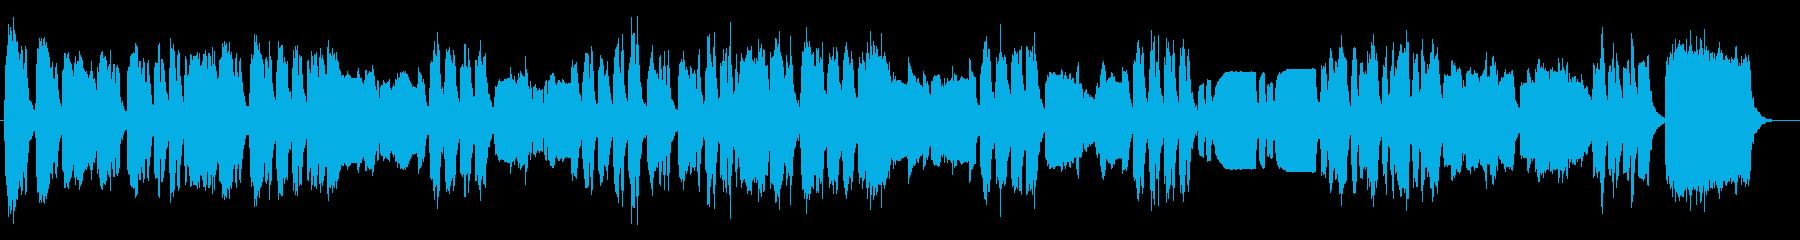 クラシック ハレルヤ パイプオルガンの再生済みの波形